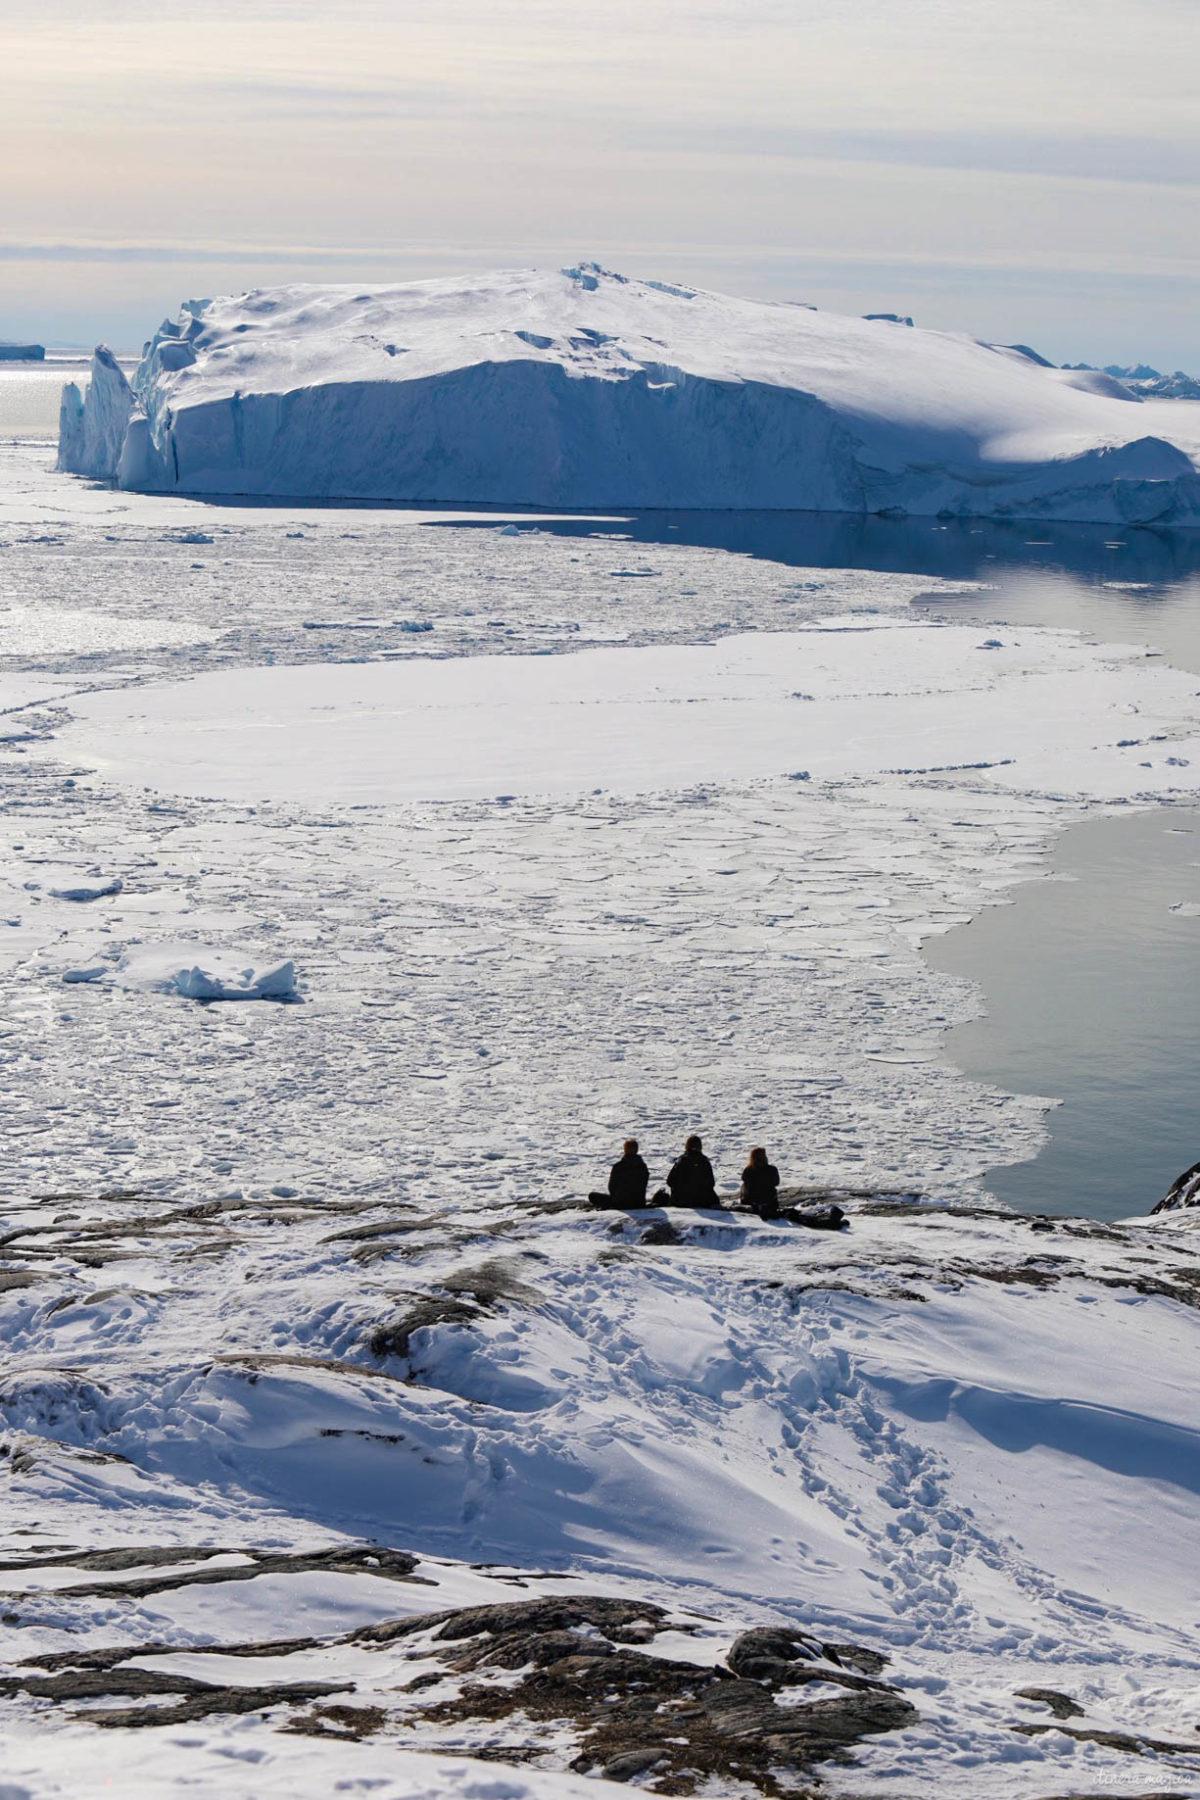 Voyage à Ilulissat et ses icebergs géants. Un incontournable lors d'un voyage au Groenland. De Paris à Ilulissat, un dépaysement total. Hôtel Ilulissat. Blog Ilulissat. Voyage Ilulissat icebergs Ilulissat